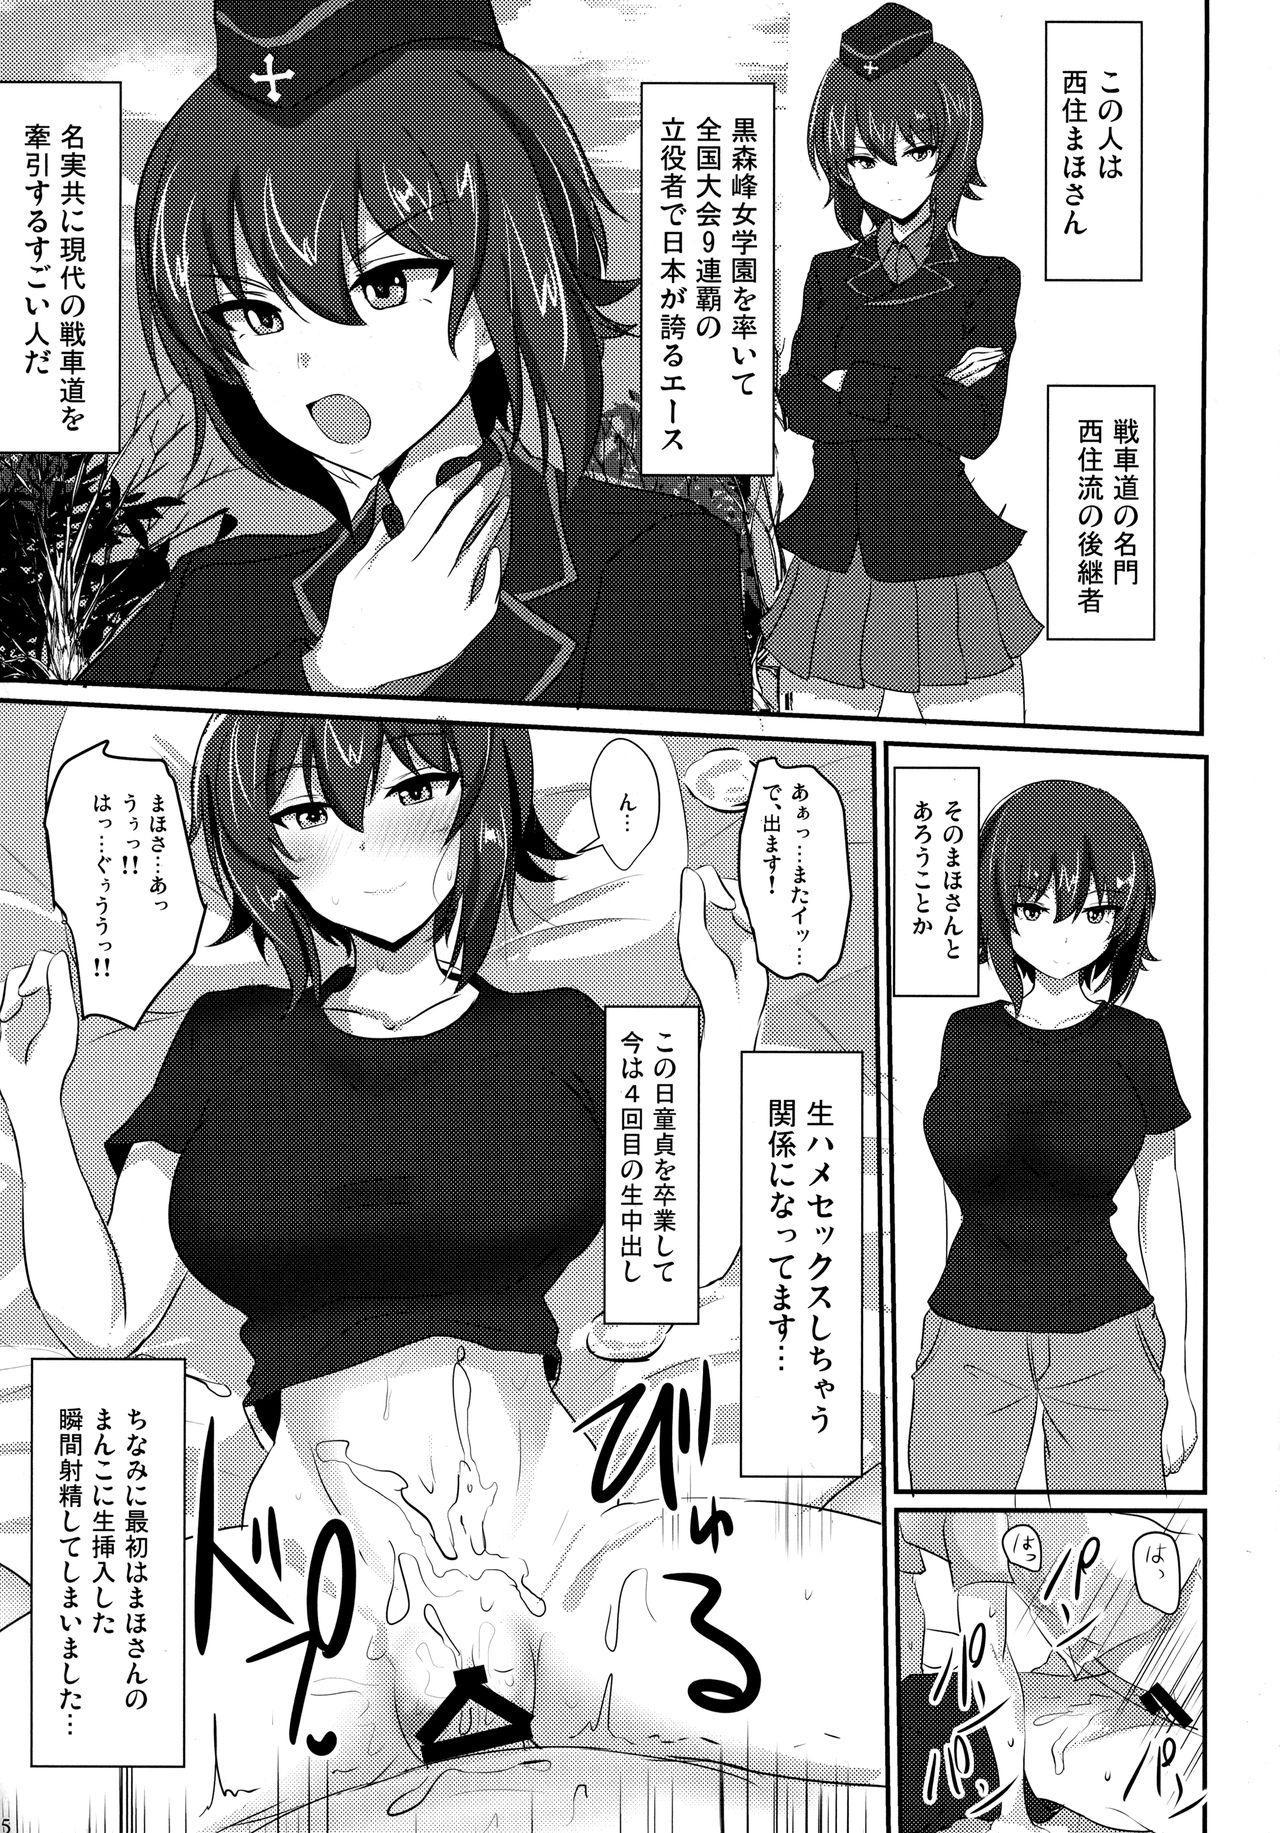 Yasashii Maho Onee-chan 2